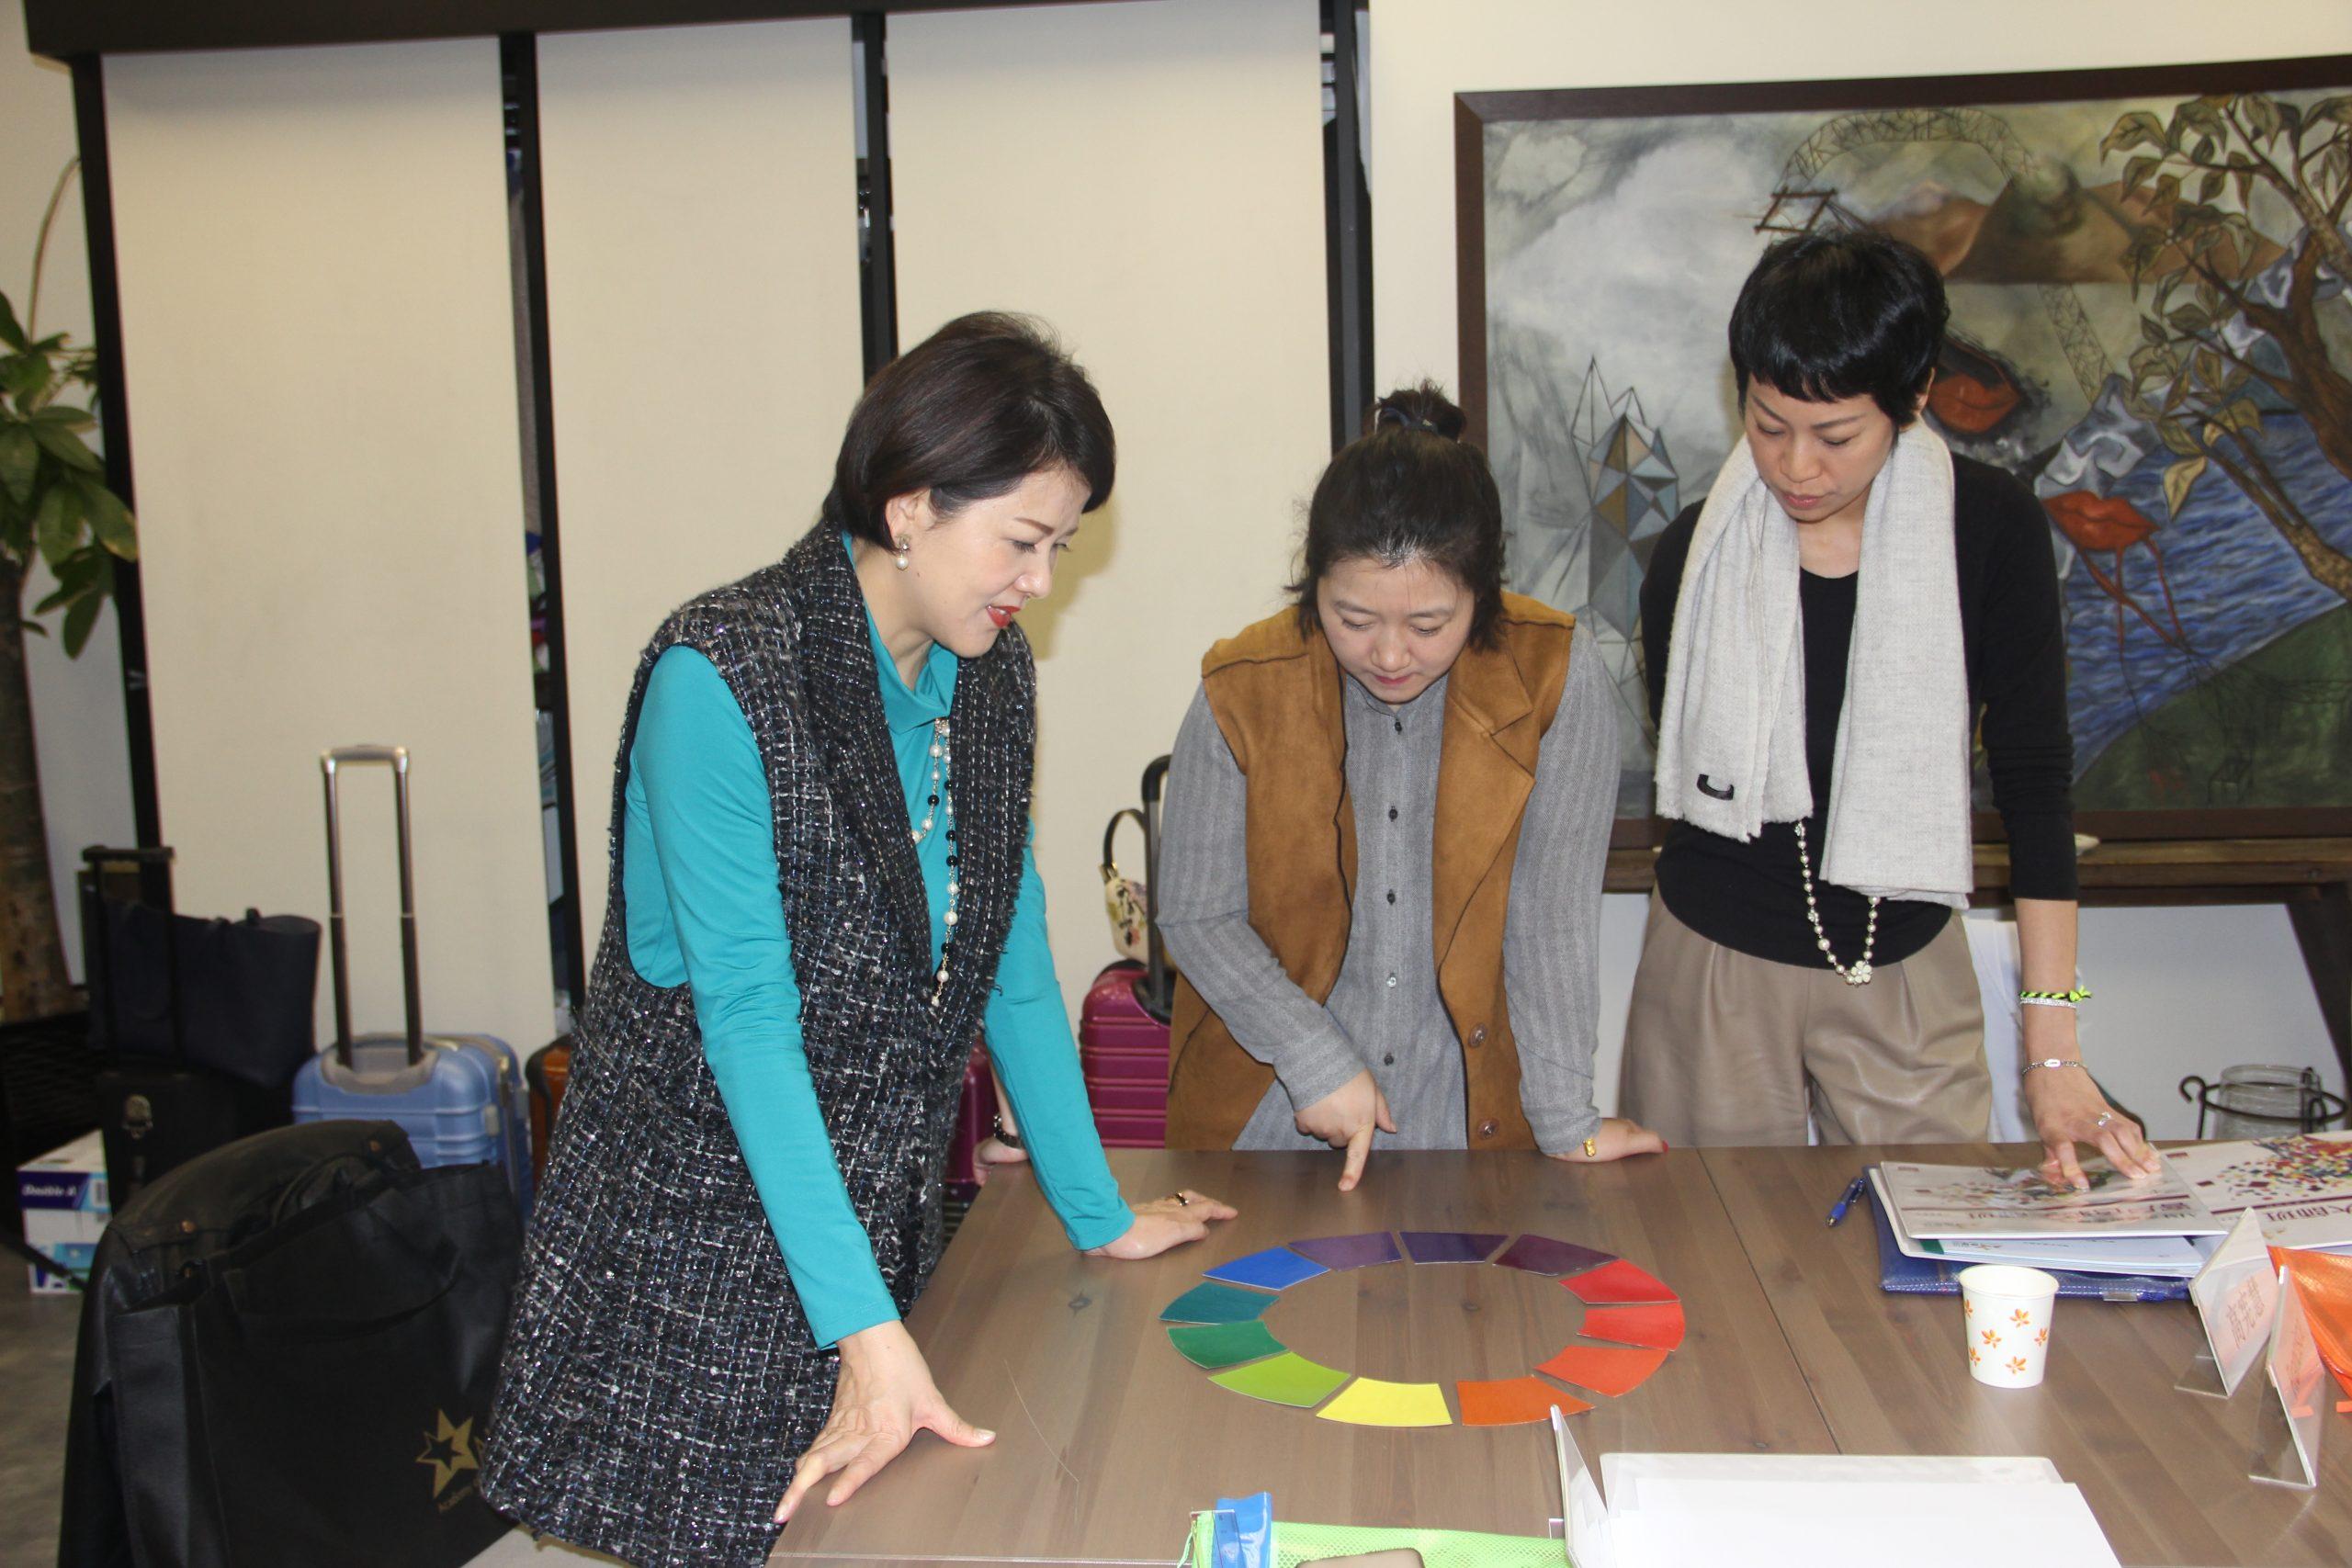 桌星形象学院香港分院基础形象顾问课程 2